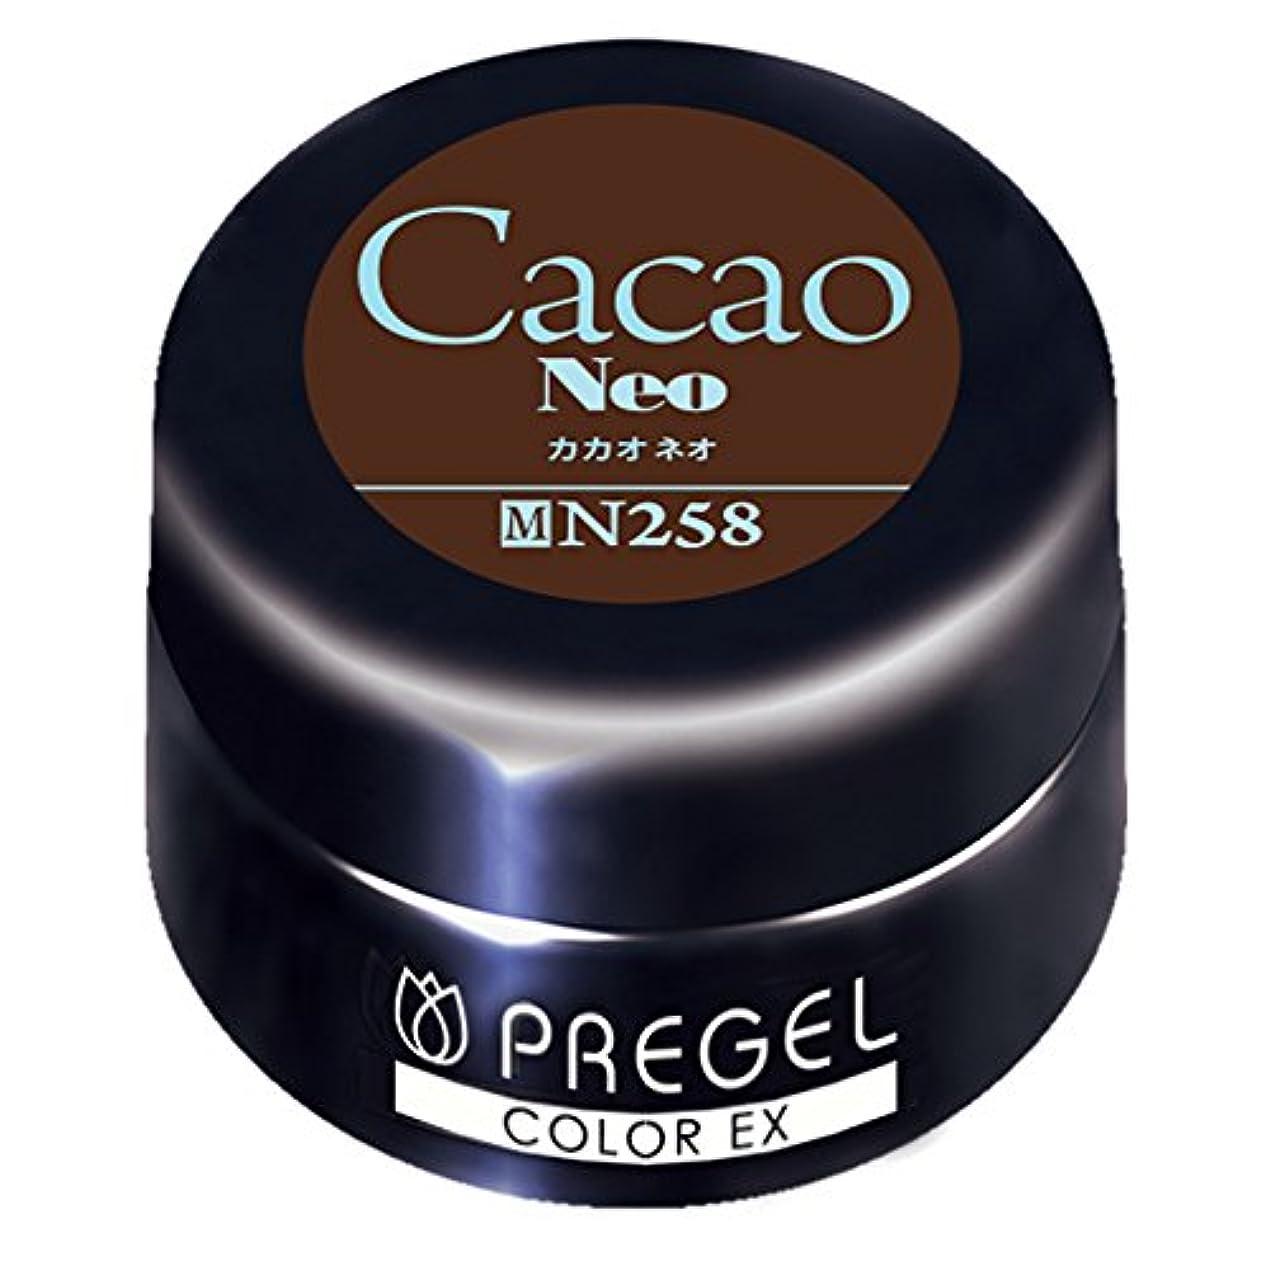 アミューズメントケージハチPRE GEL カラーEX カカオneo 258 4g UV/LED対応